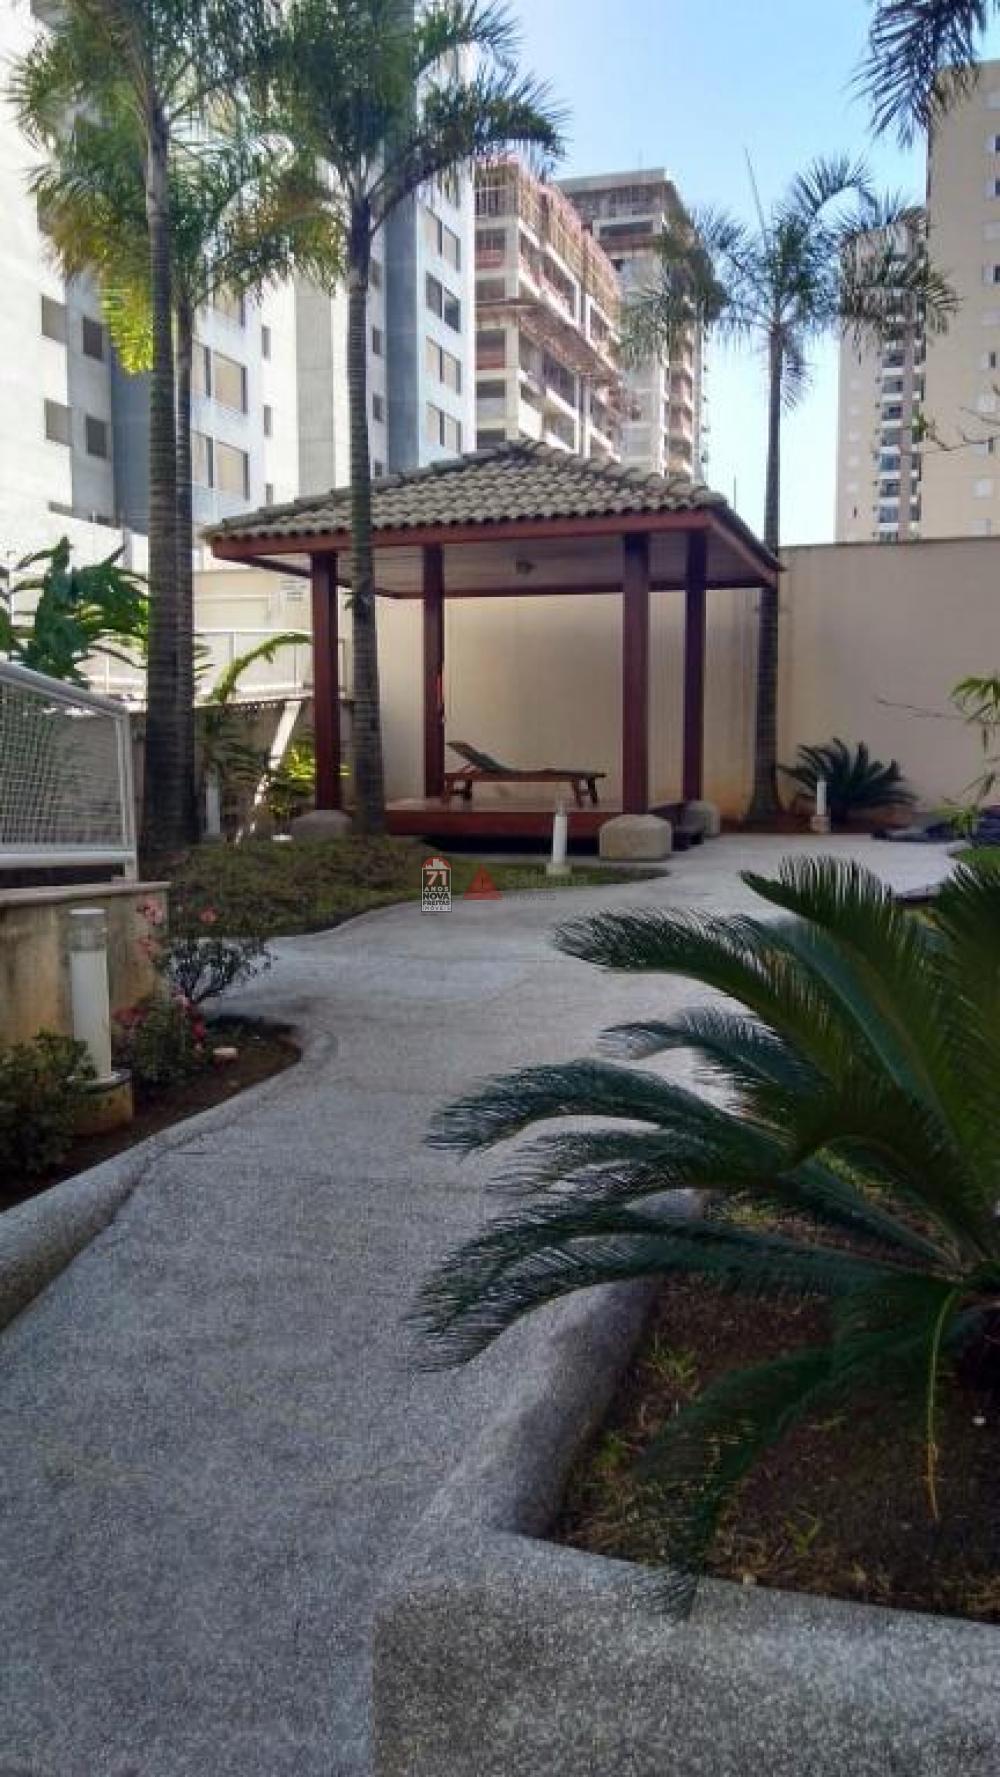 Comprar Apartamento / Padrão em São José dos Campos apenas R$ 630.000,00 - Foto 29